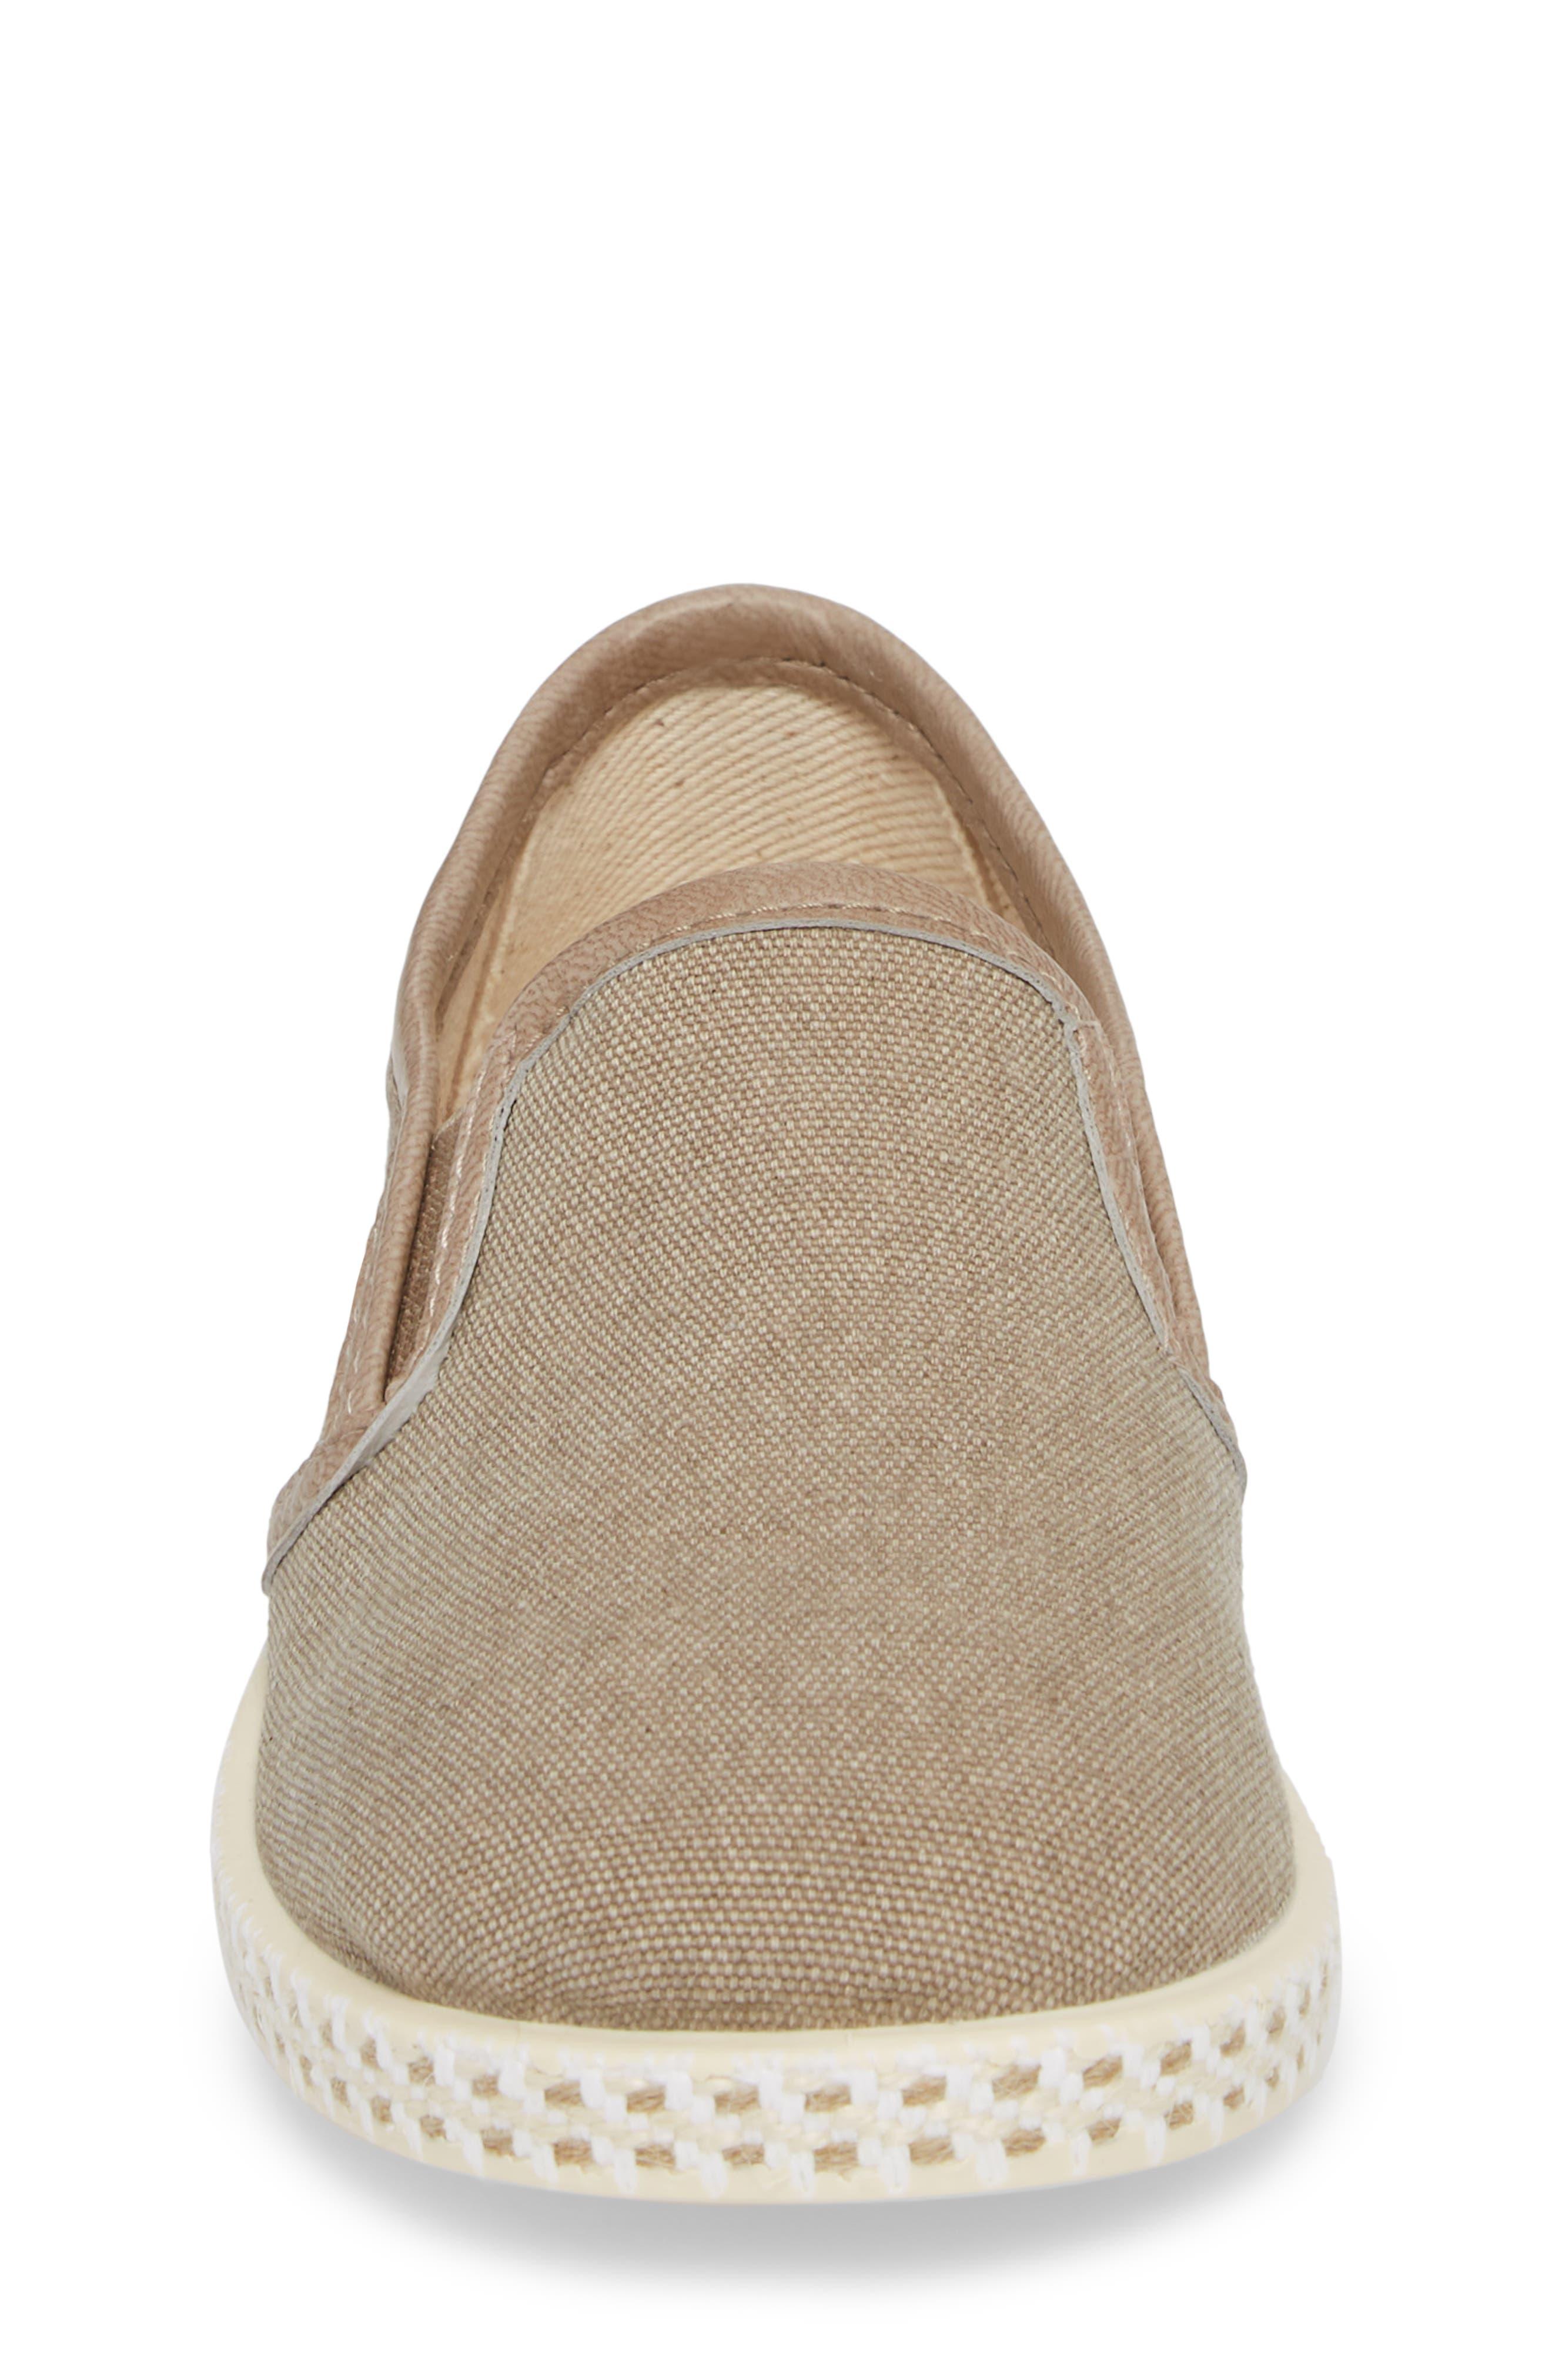 Lona Slip-On Sneaker,                             Alternate thumbnail 4, color,                             TAUPE